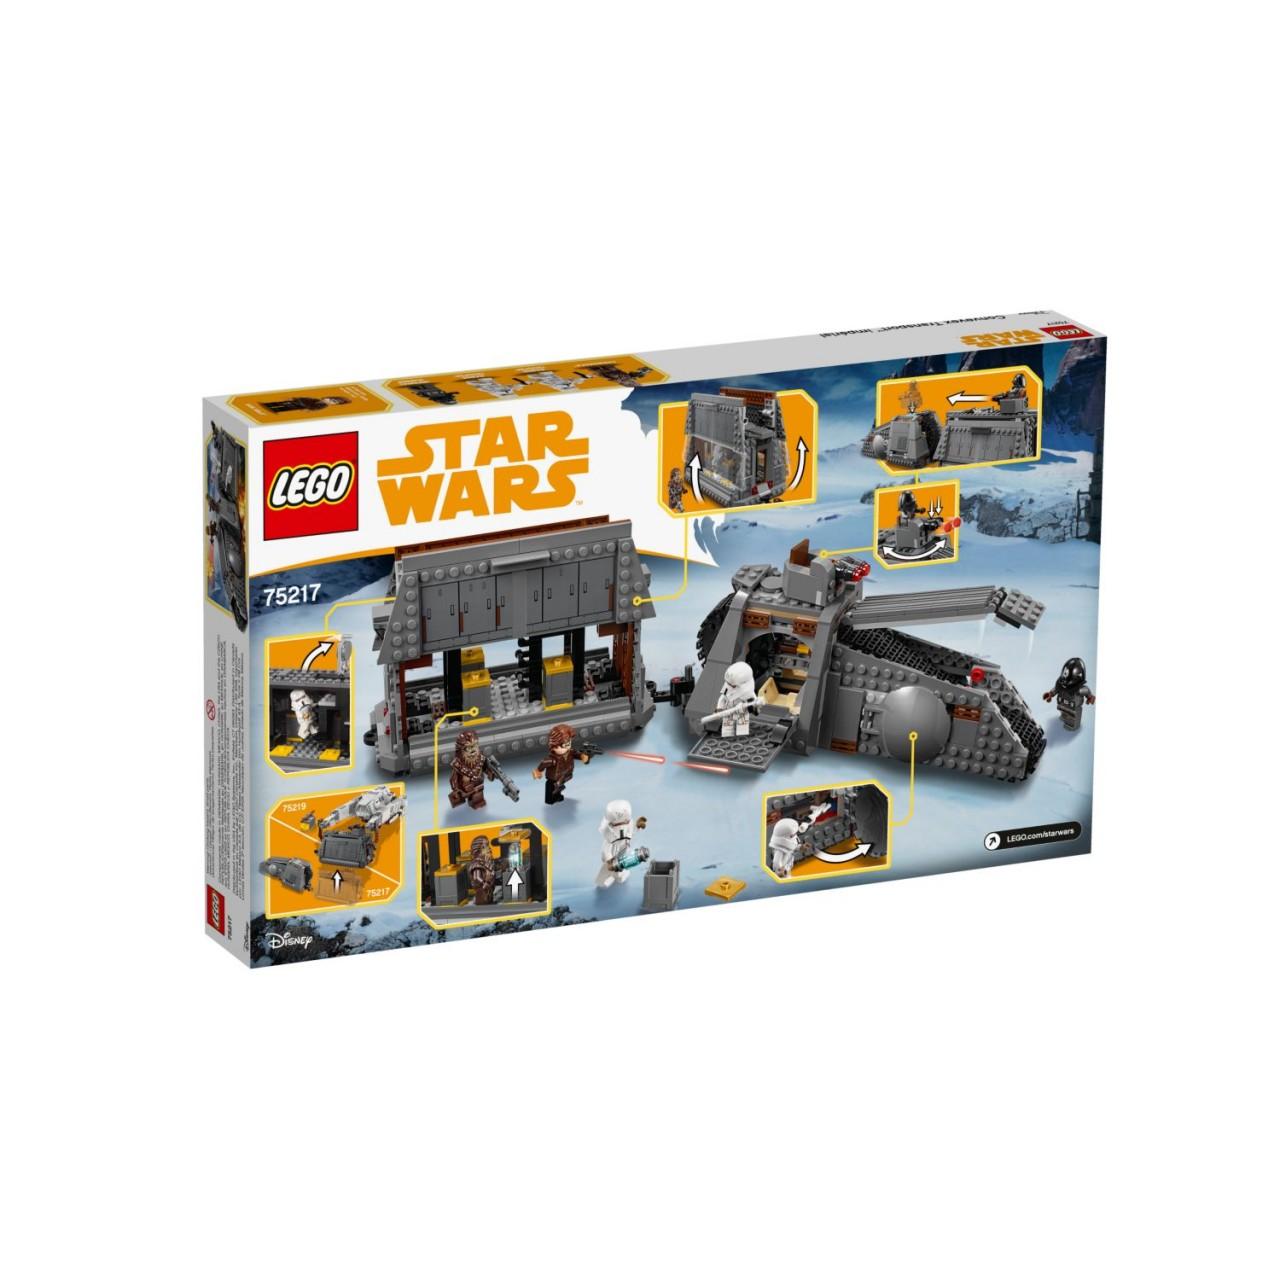 LEGO STAR WARS 75217 Imperial Conveyex Transport